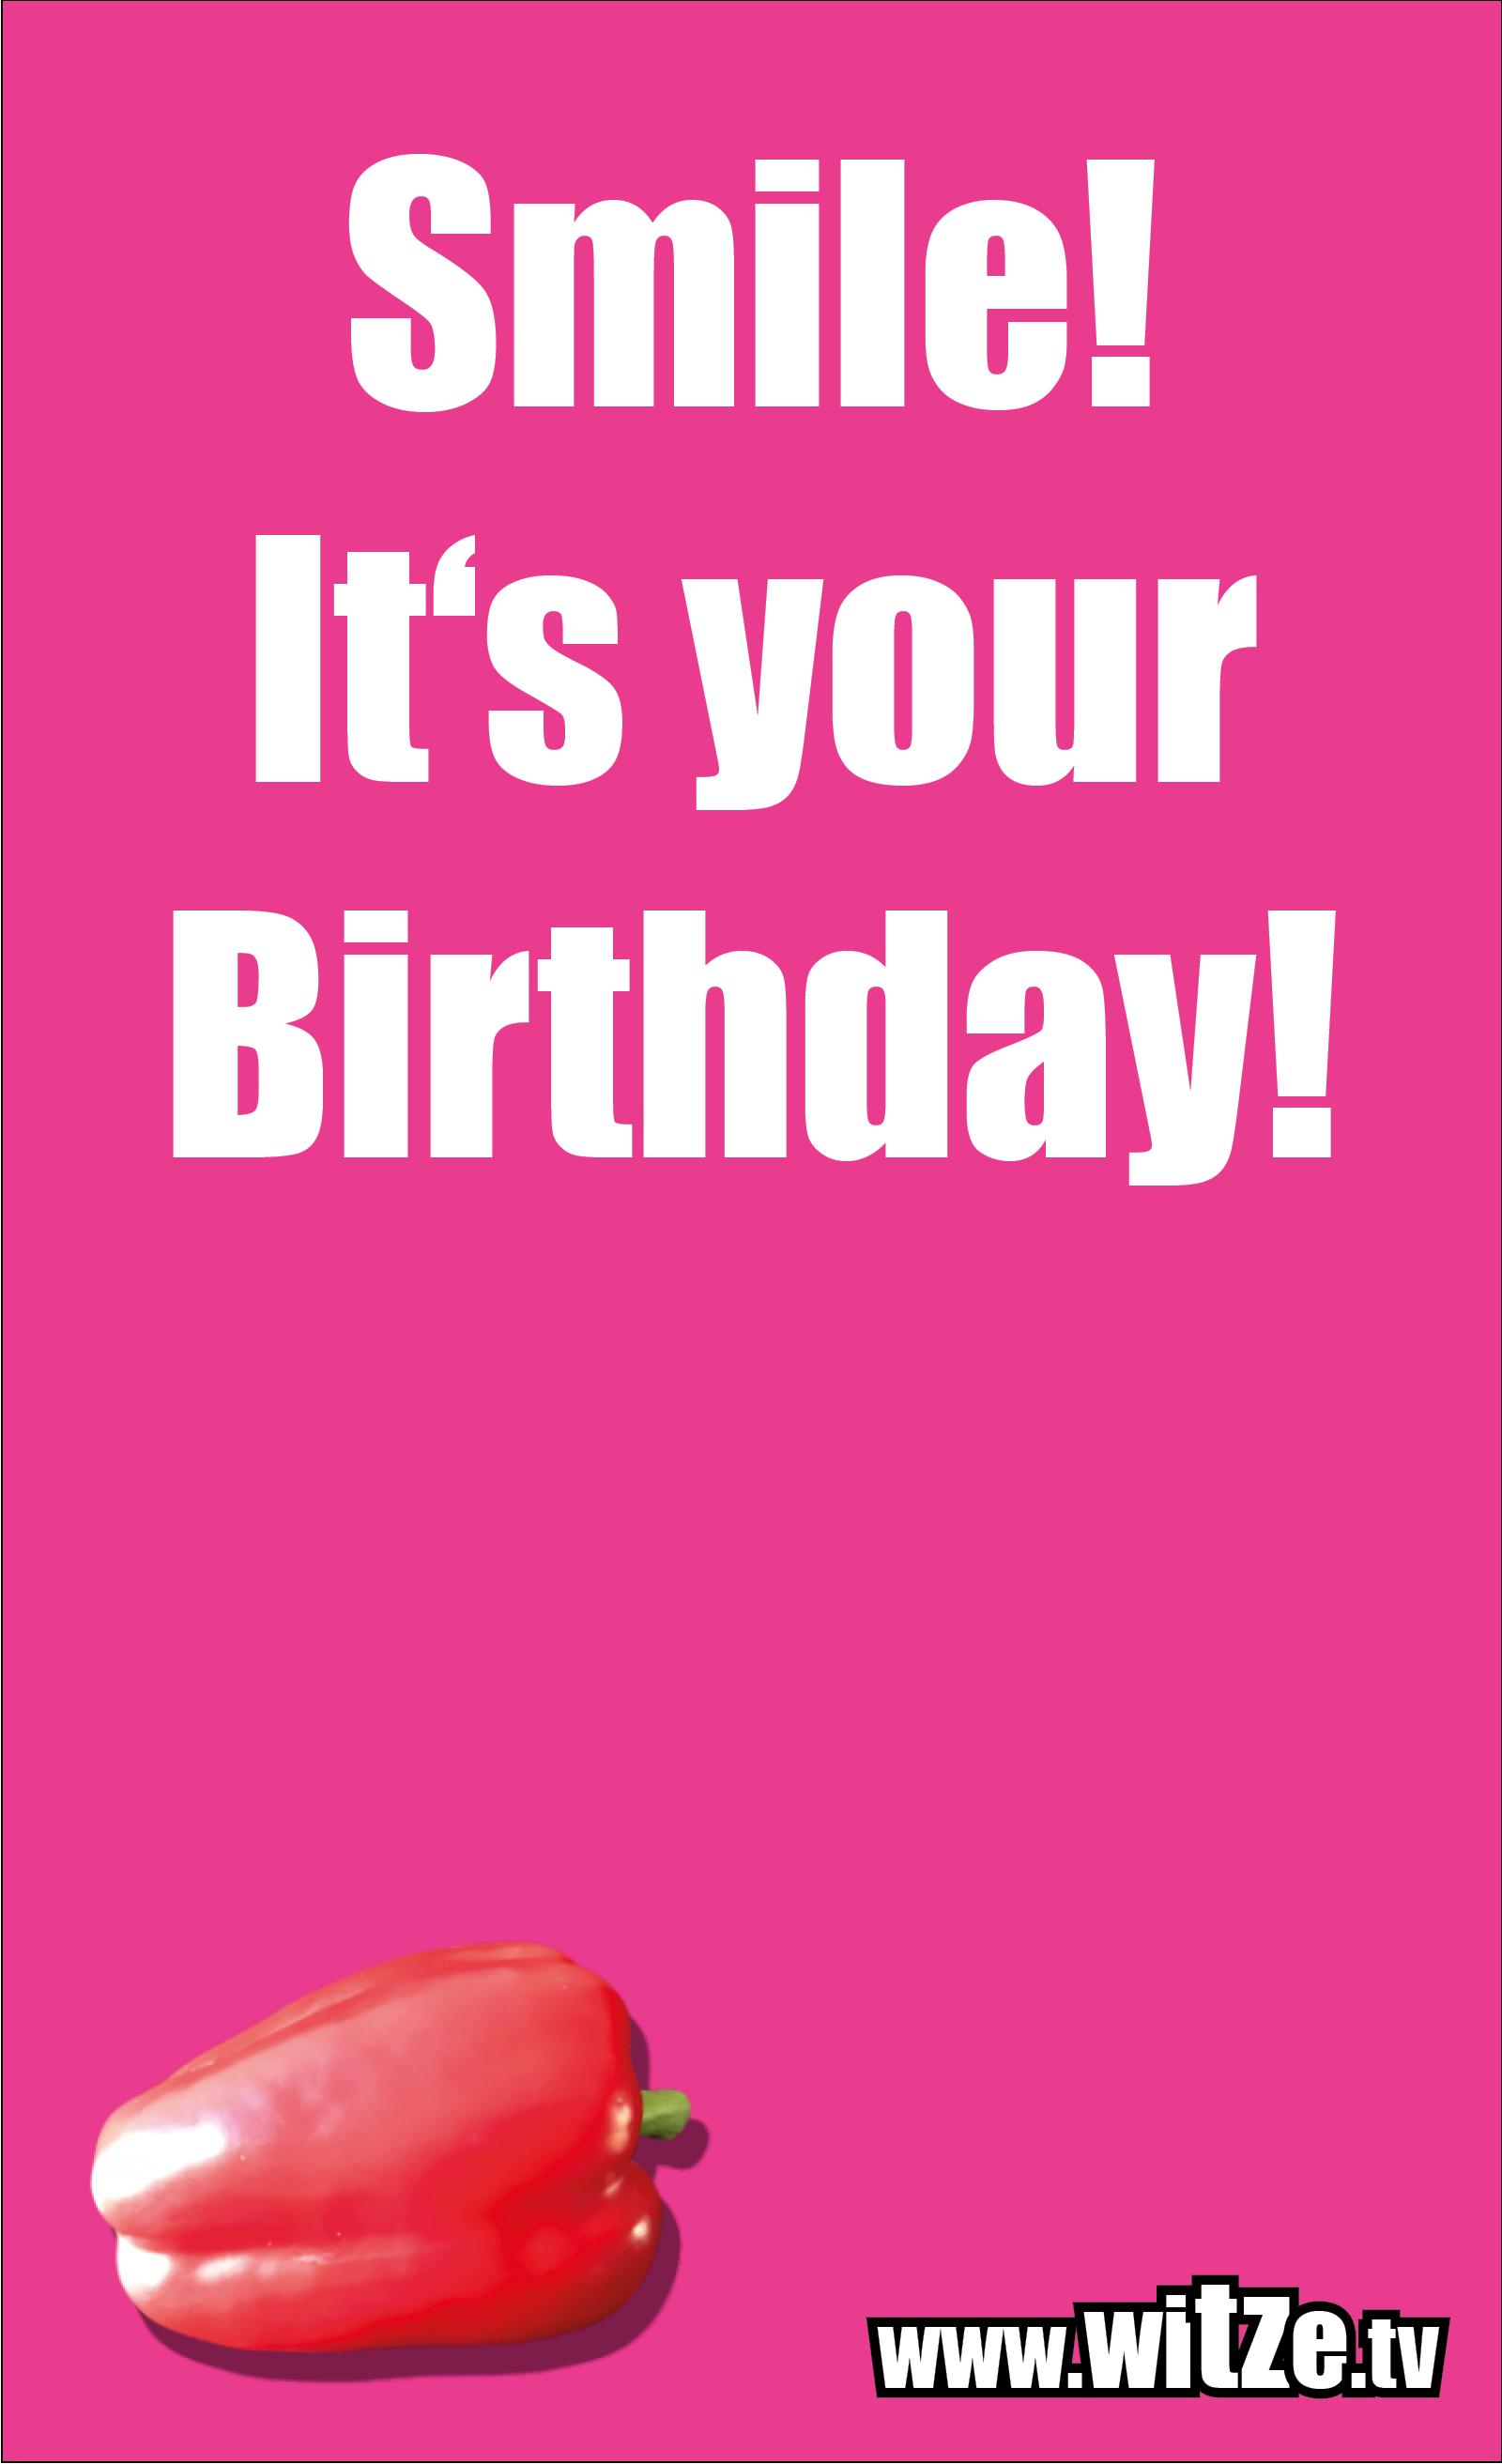 Lustige Geburtstagswünsche: Smile! It's your Birthday!